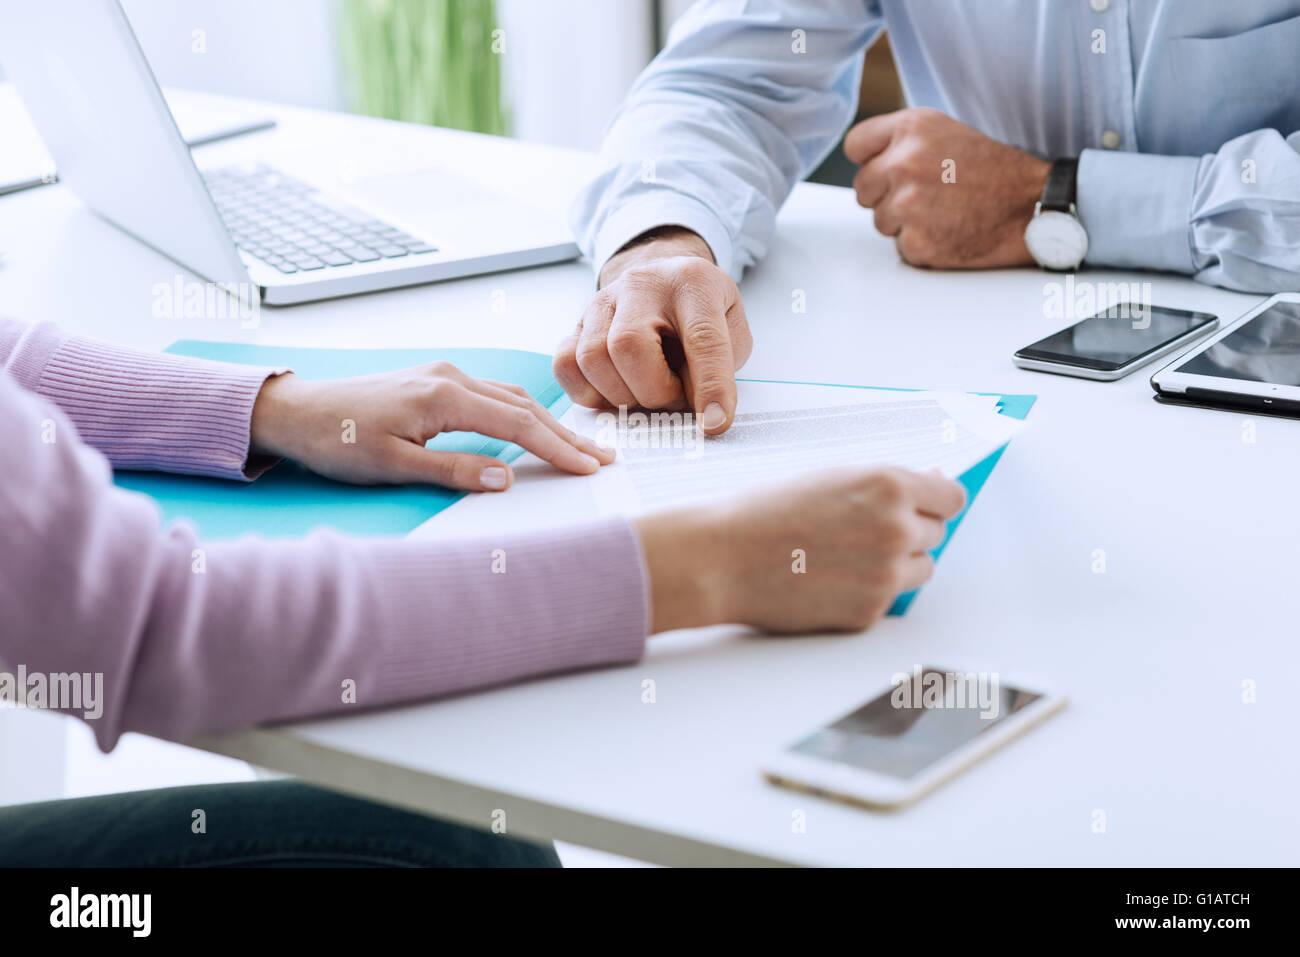 Mujer joven tener una reunión de negocios con un ejecutivo en su oficina, él está apuntando a un Imagen De Stock